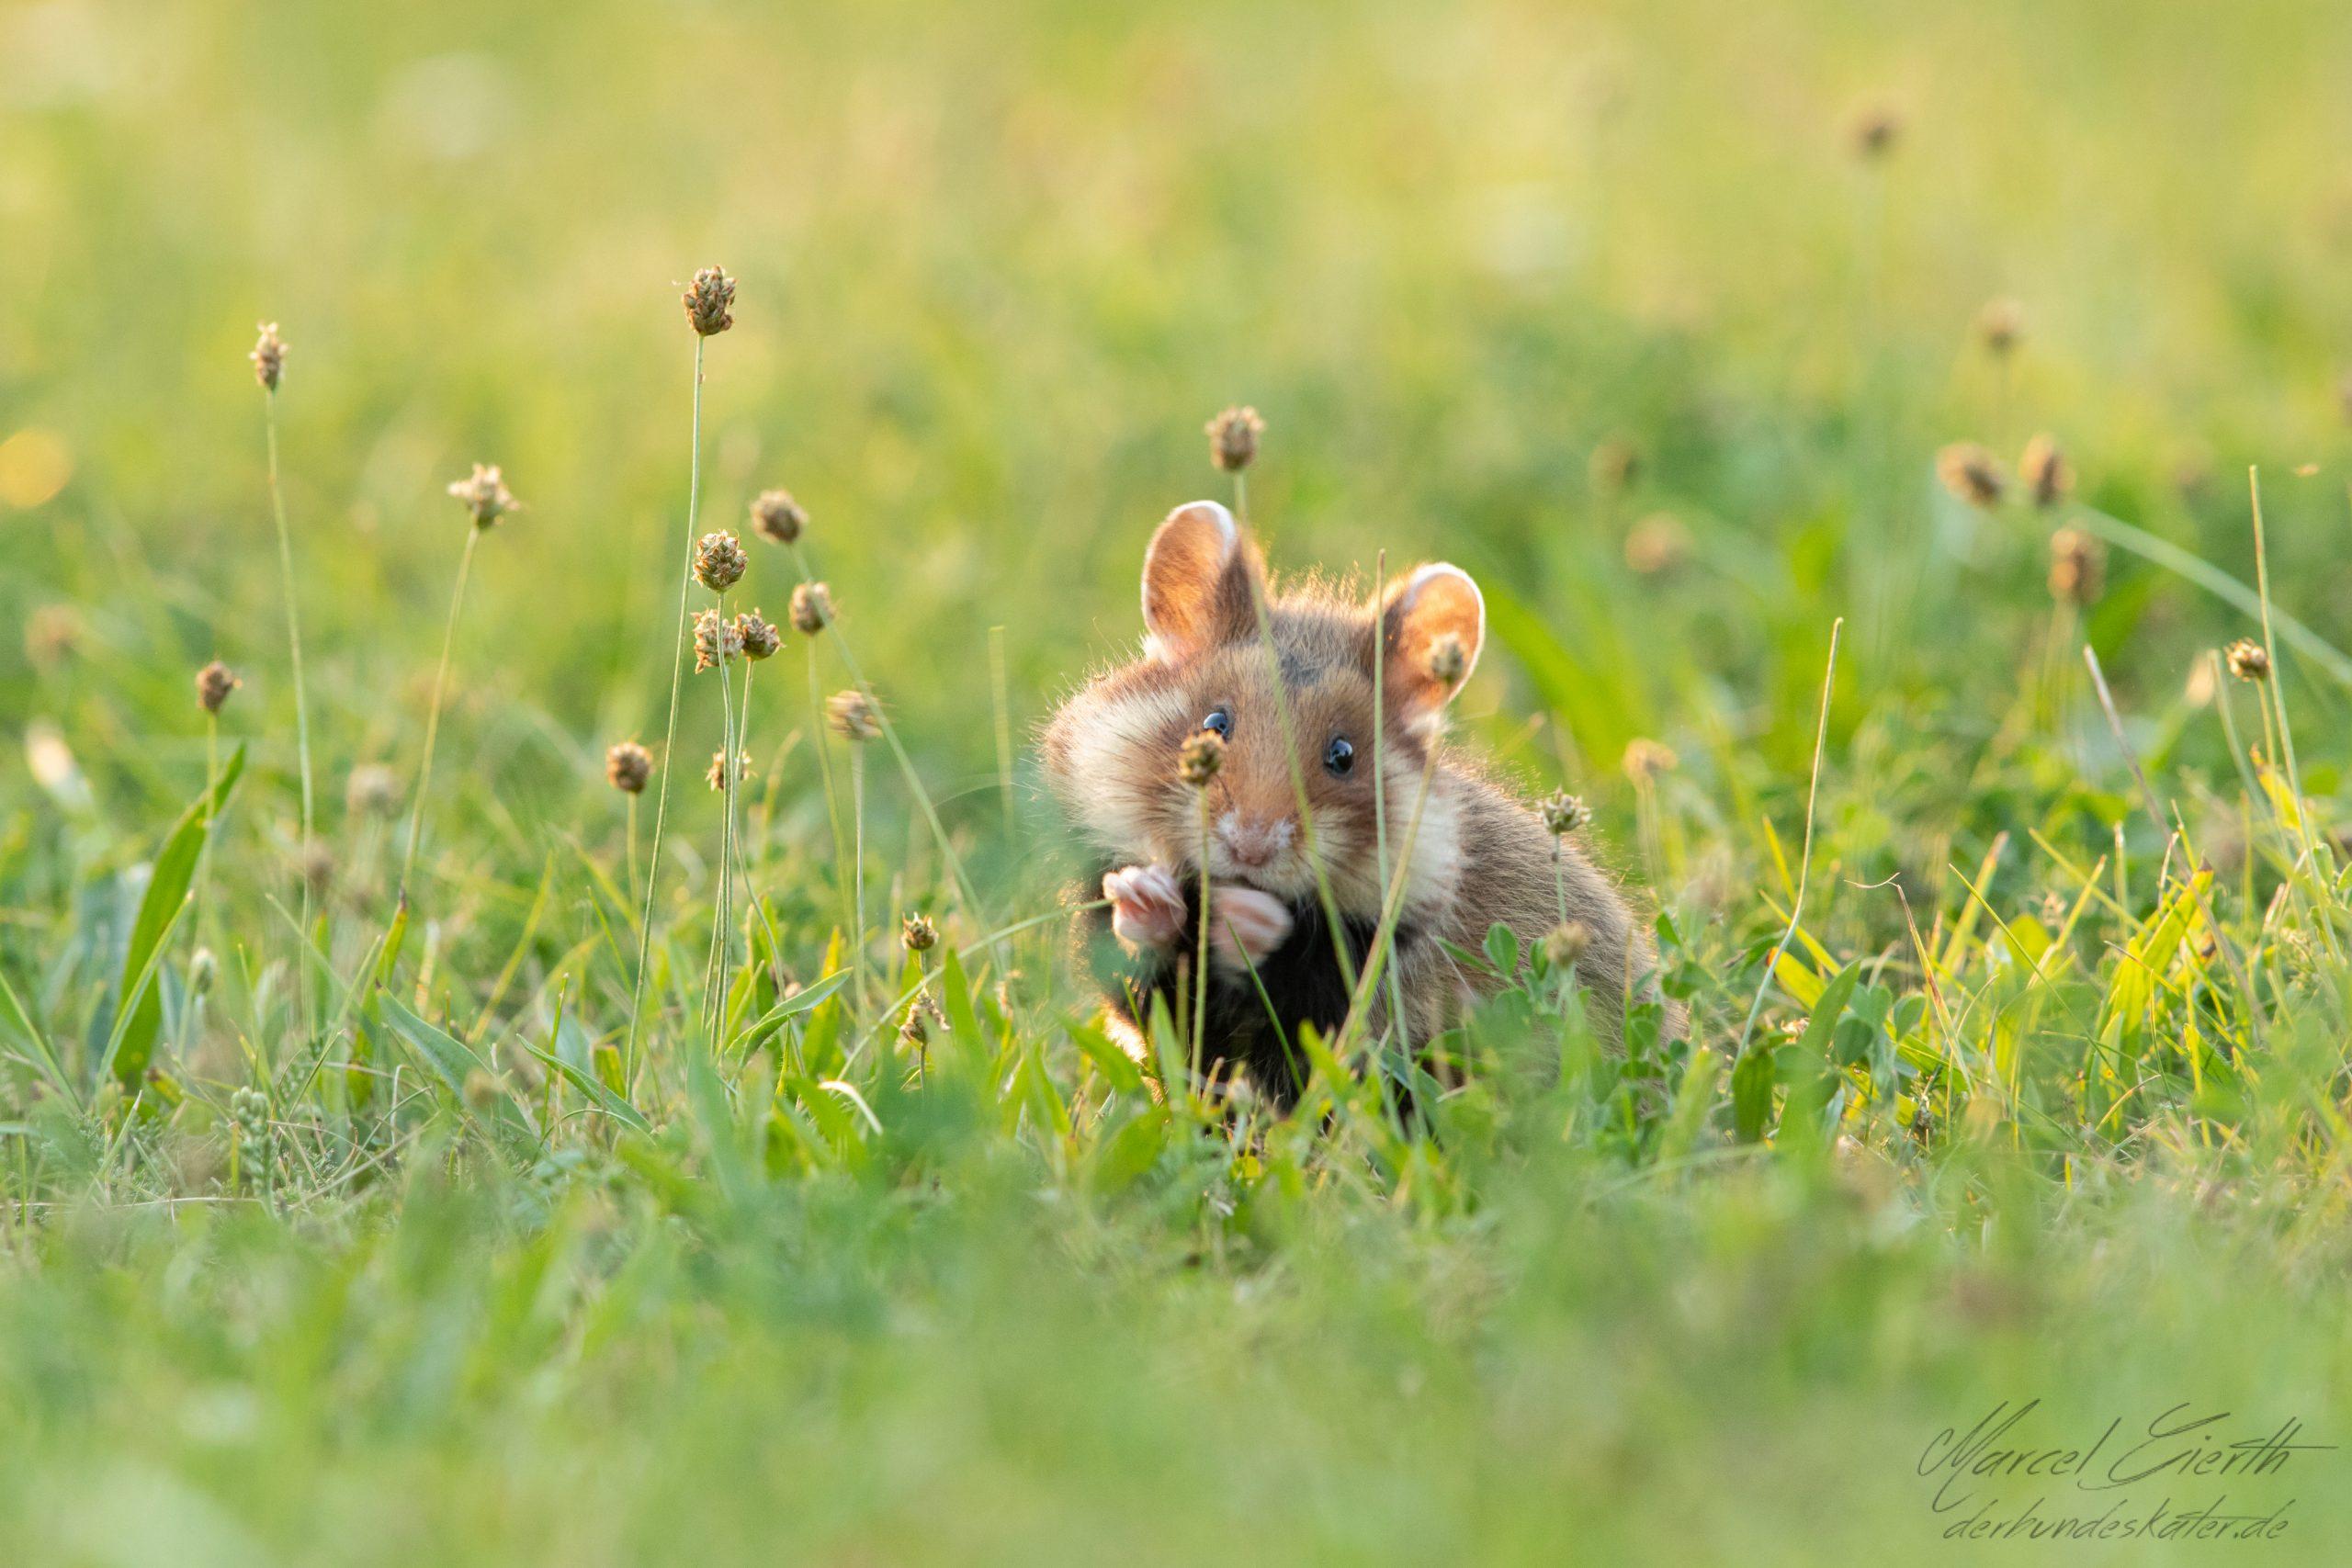 Hamster frisst und schaut nachdenklich  - Fotograf Marcel Gierth